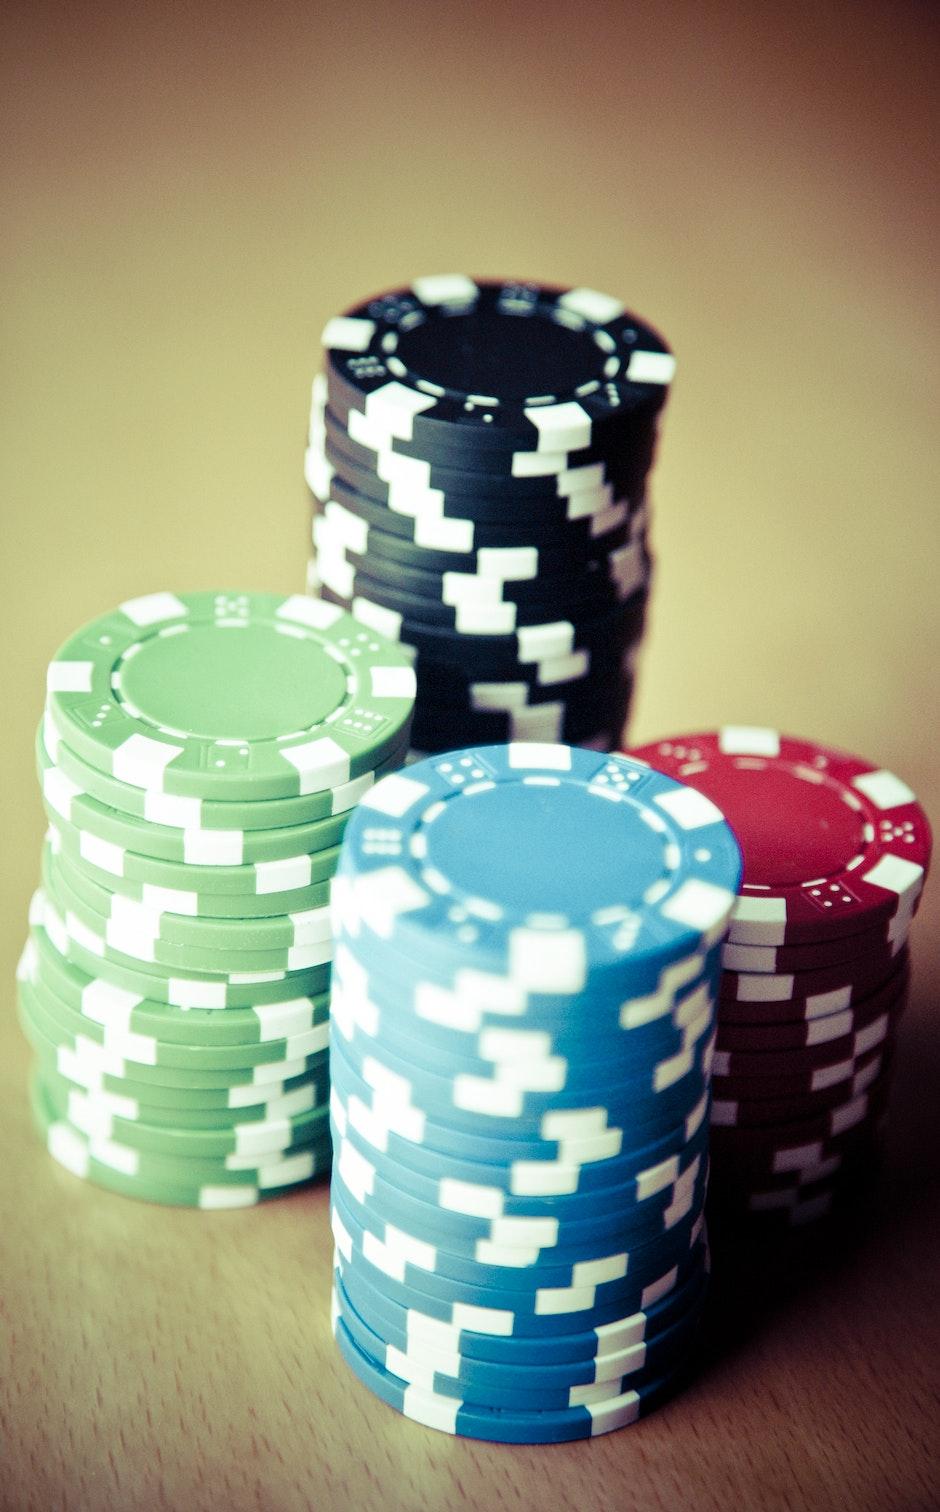 Aggresiv poker online